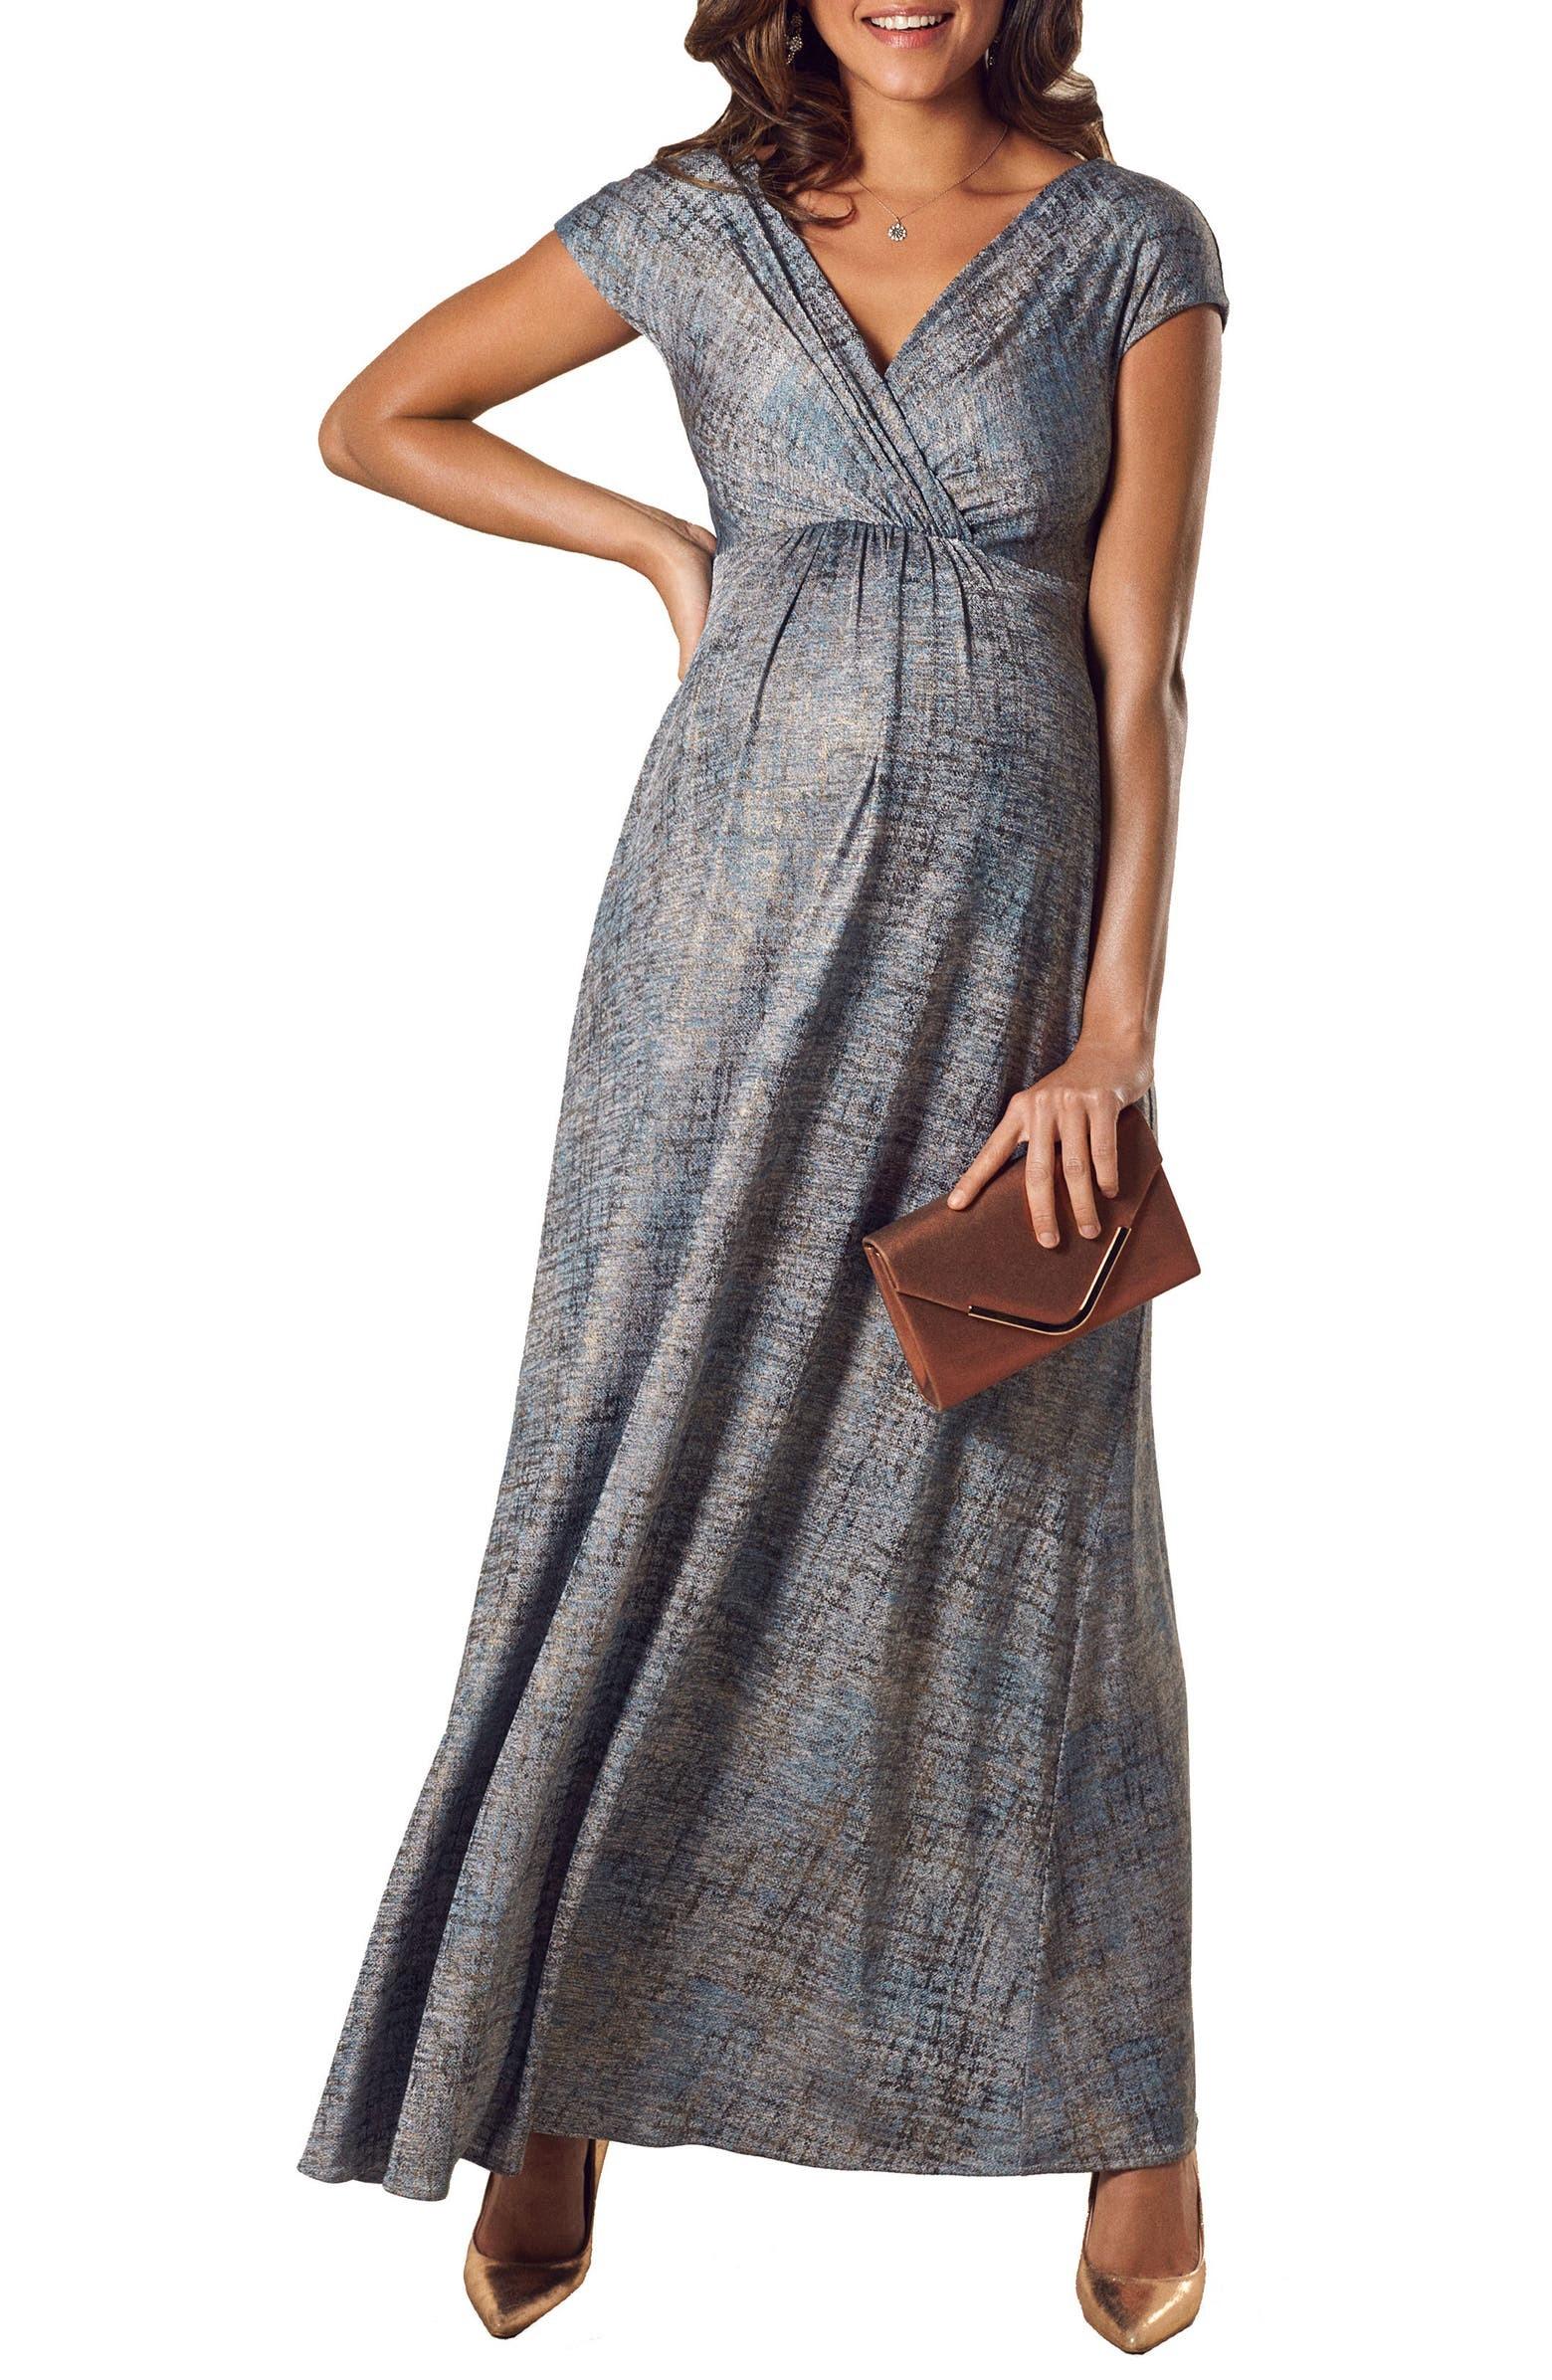 فستان للحوامل مناسب للسهرة-منقوش وألوان2